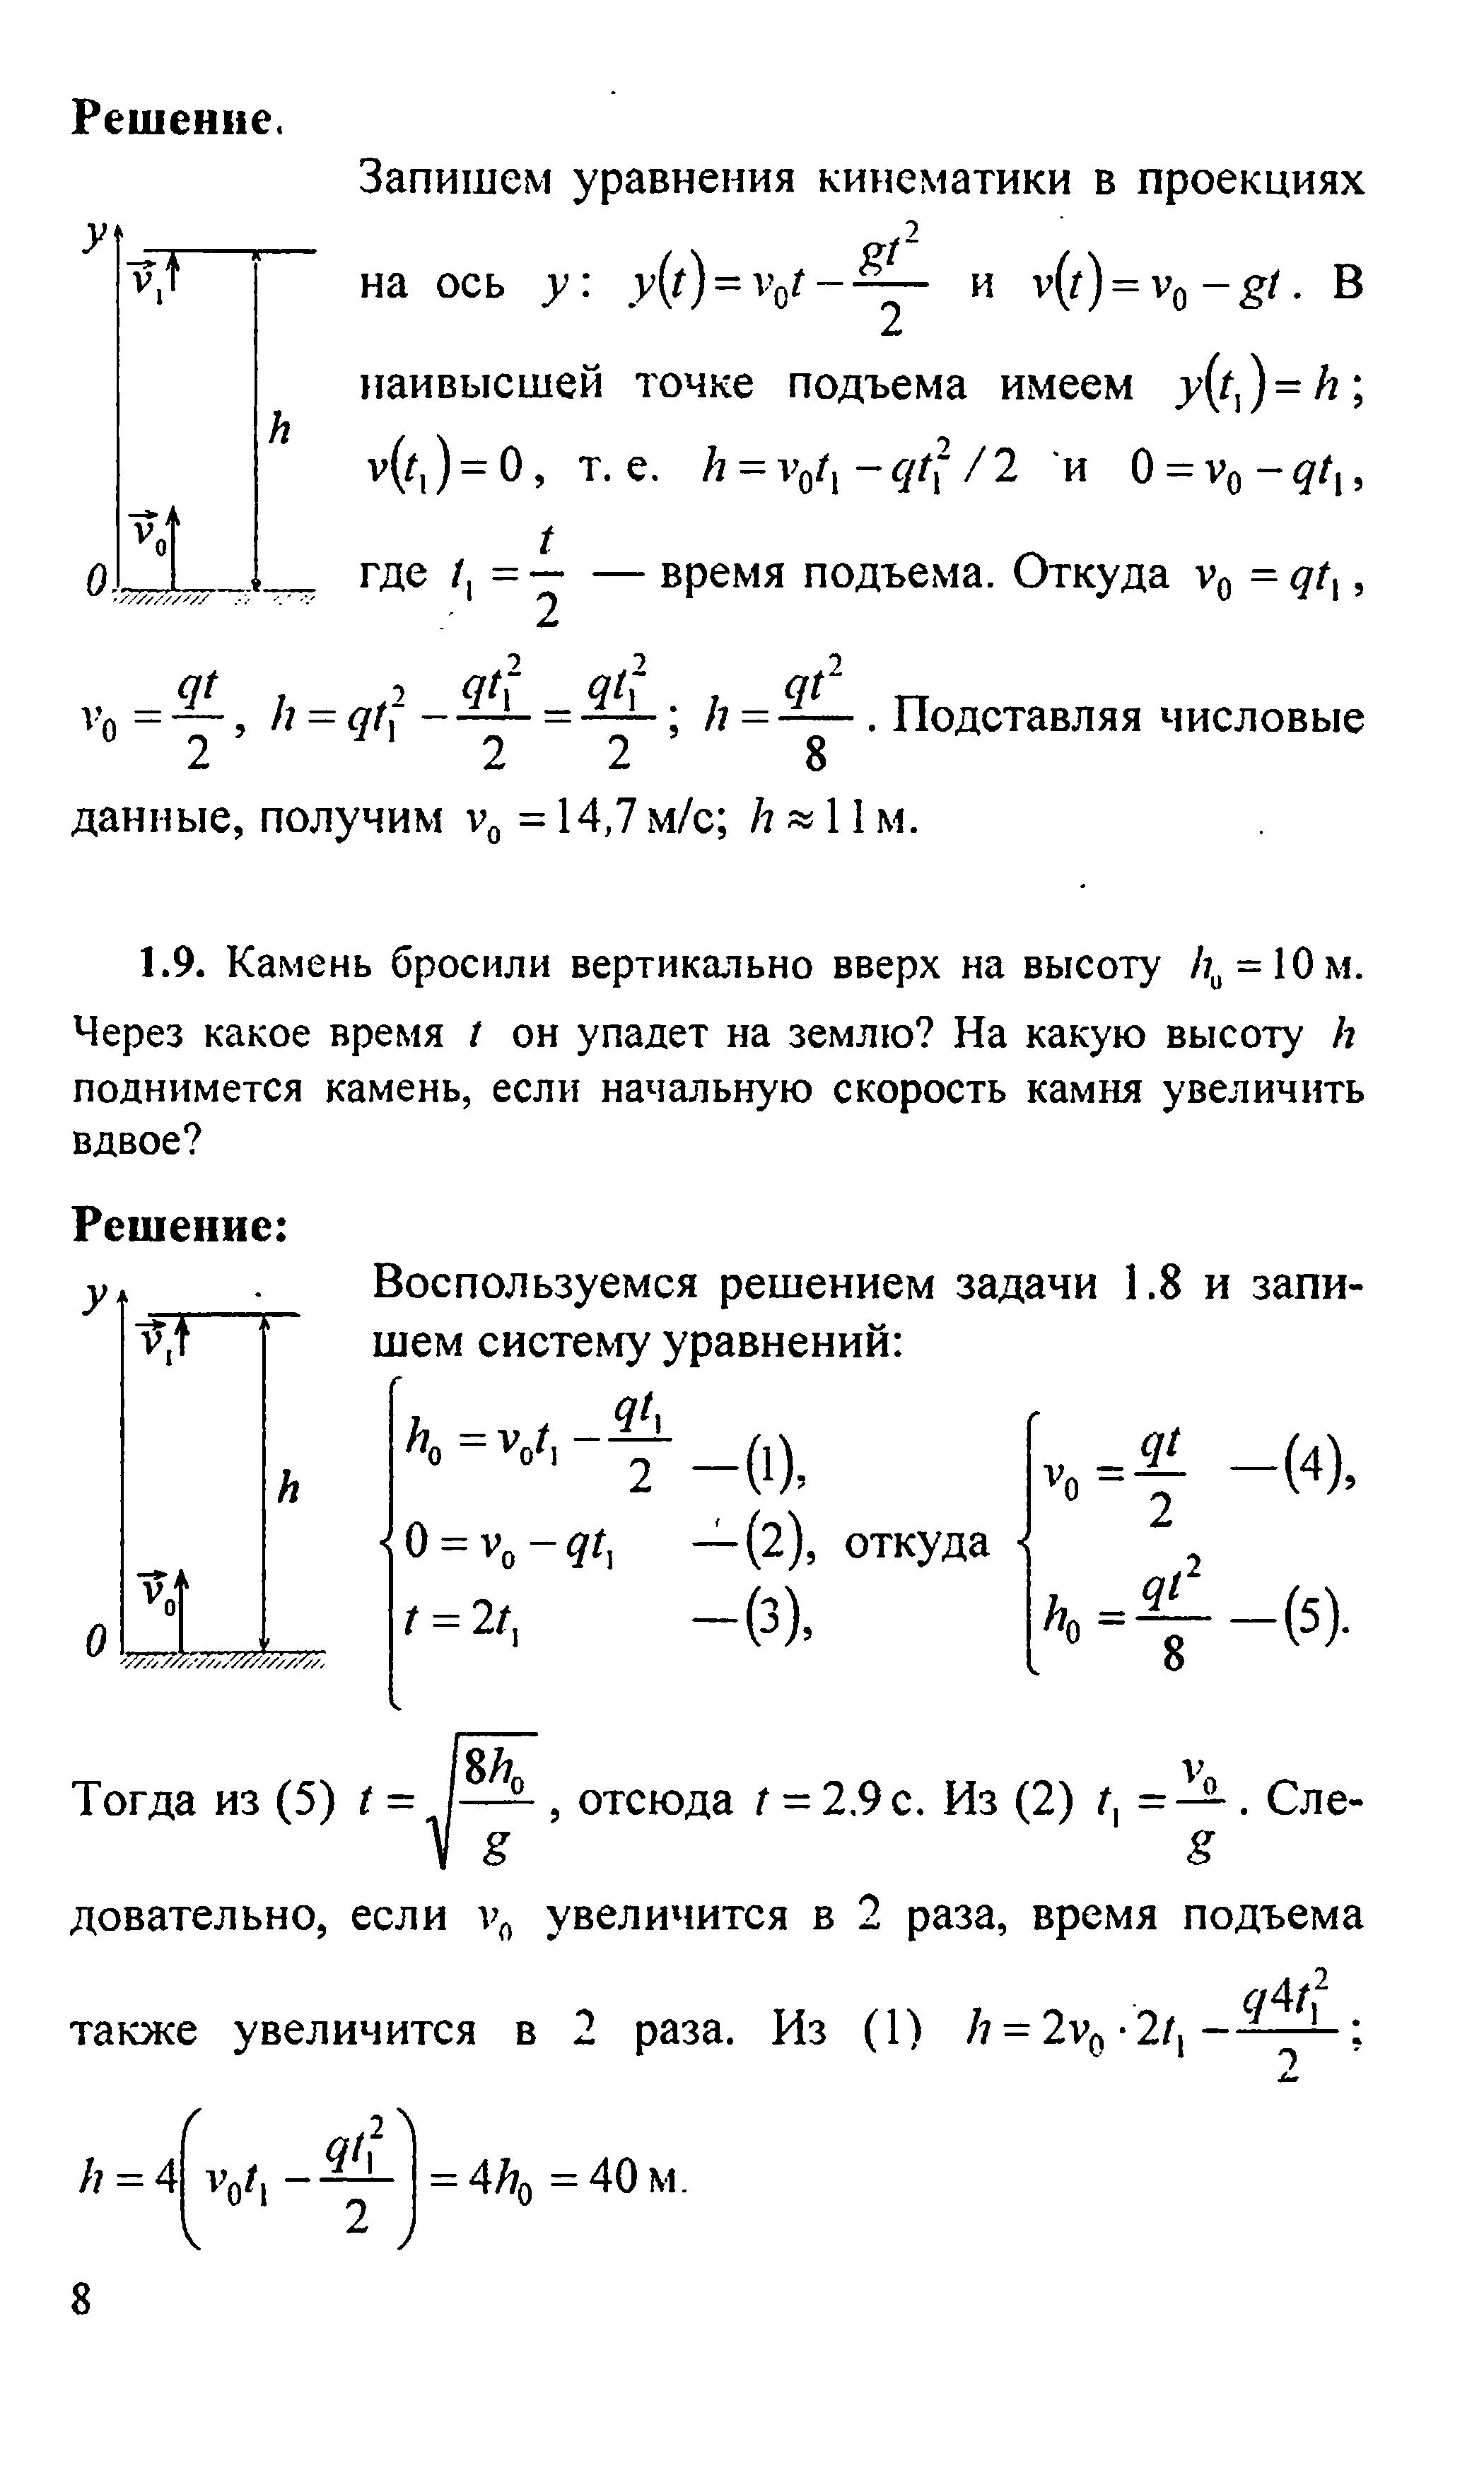 решебник волькенштейн 2004 онлайн